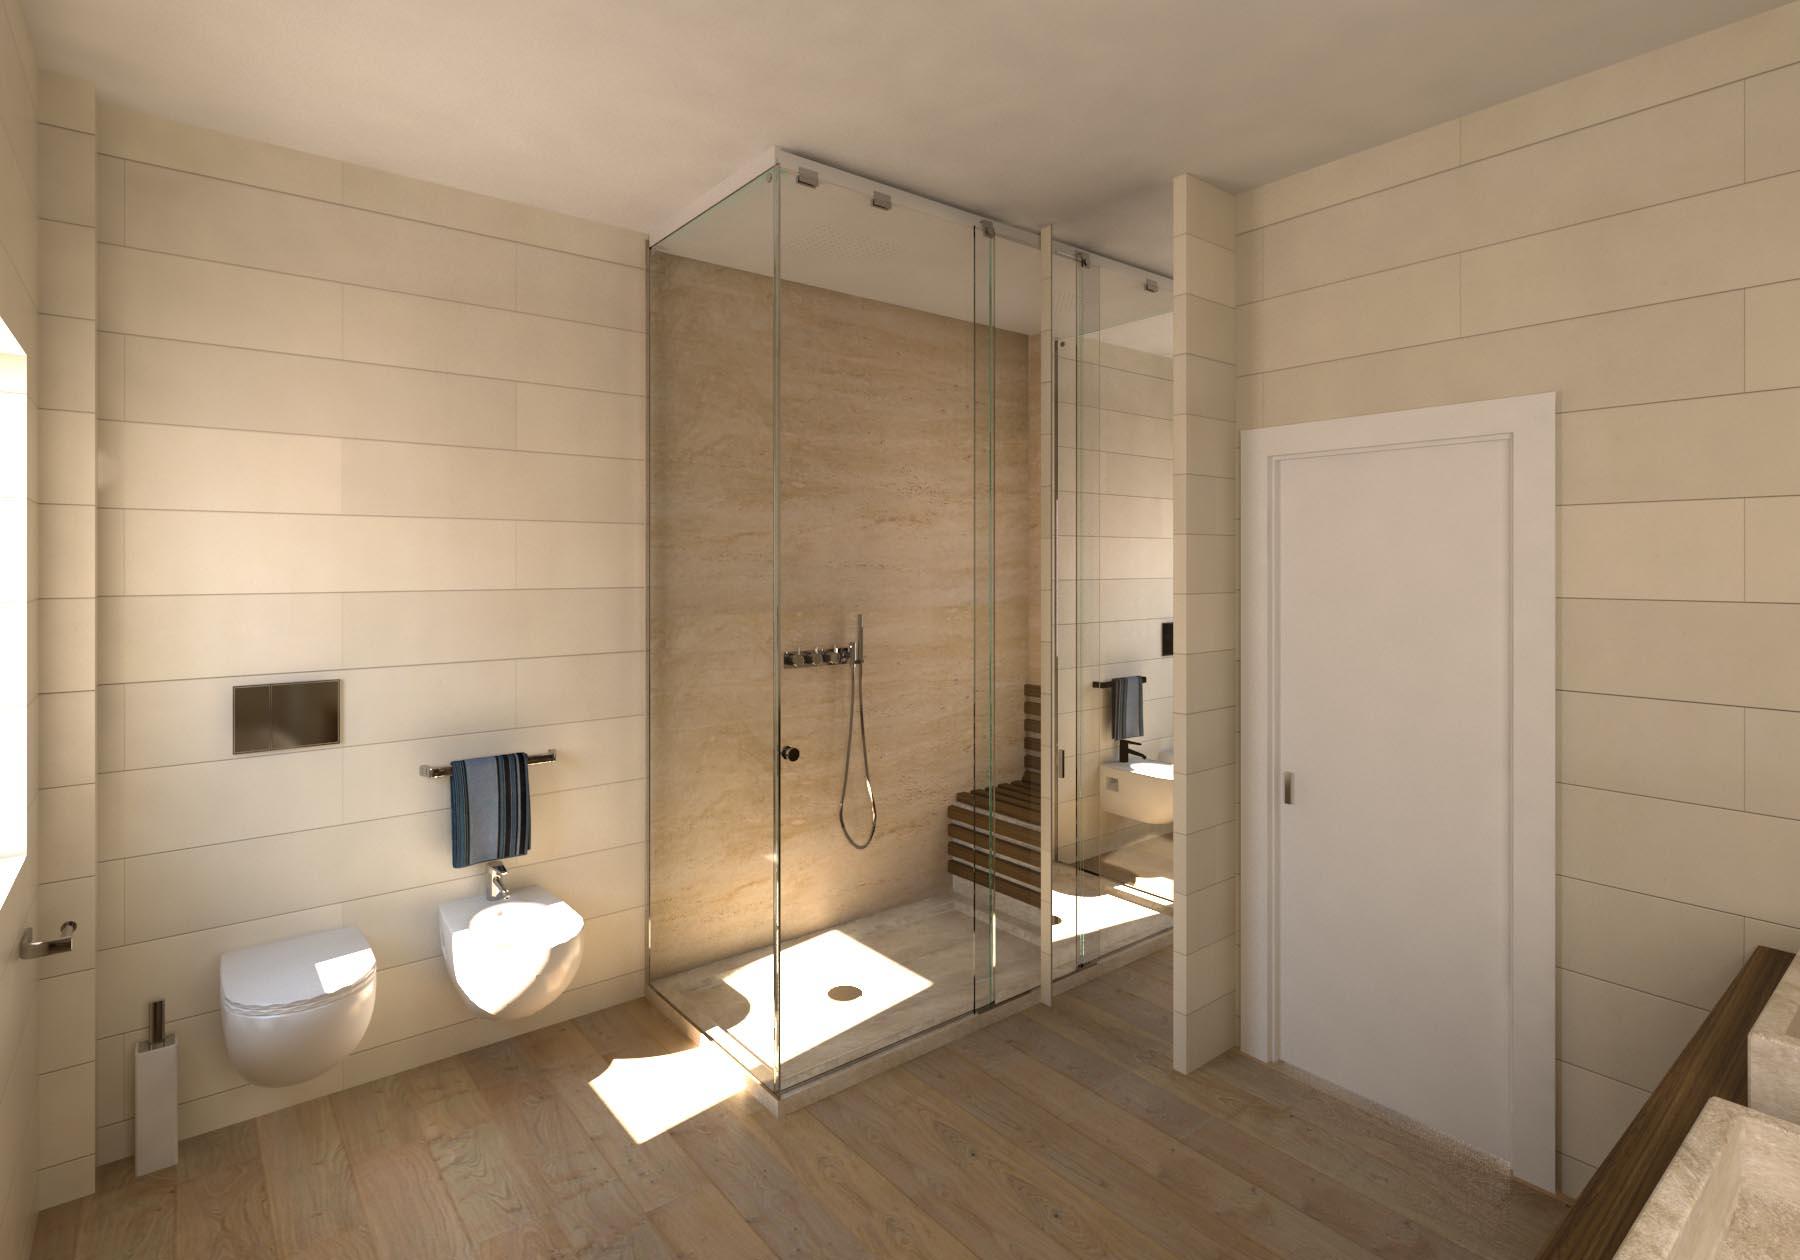 News biancone di trani pavimenti rivestimenti piatti - Arredo bagno doccia ...